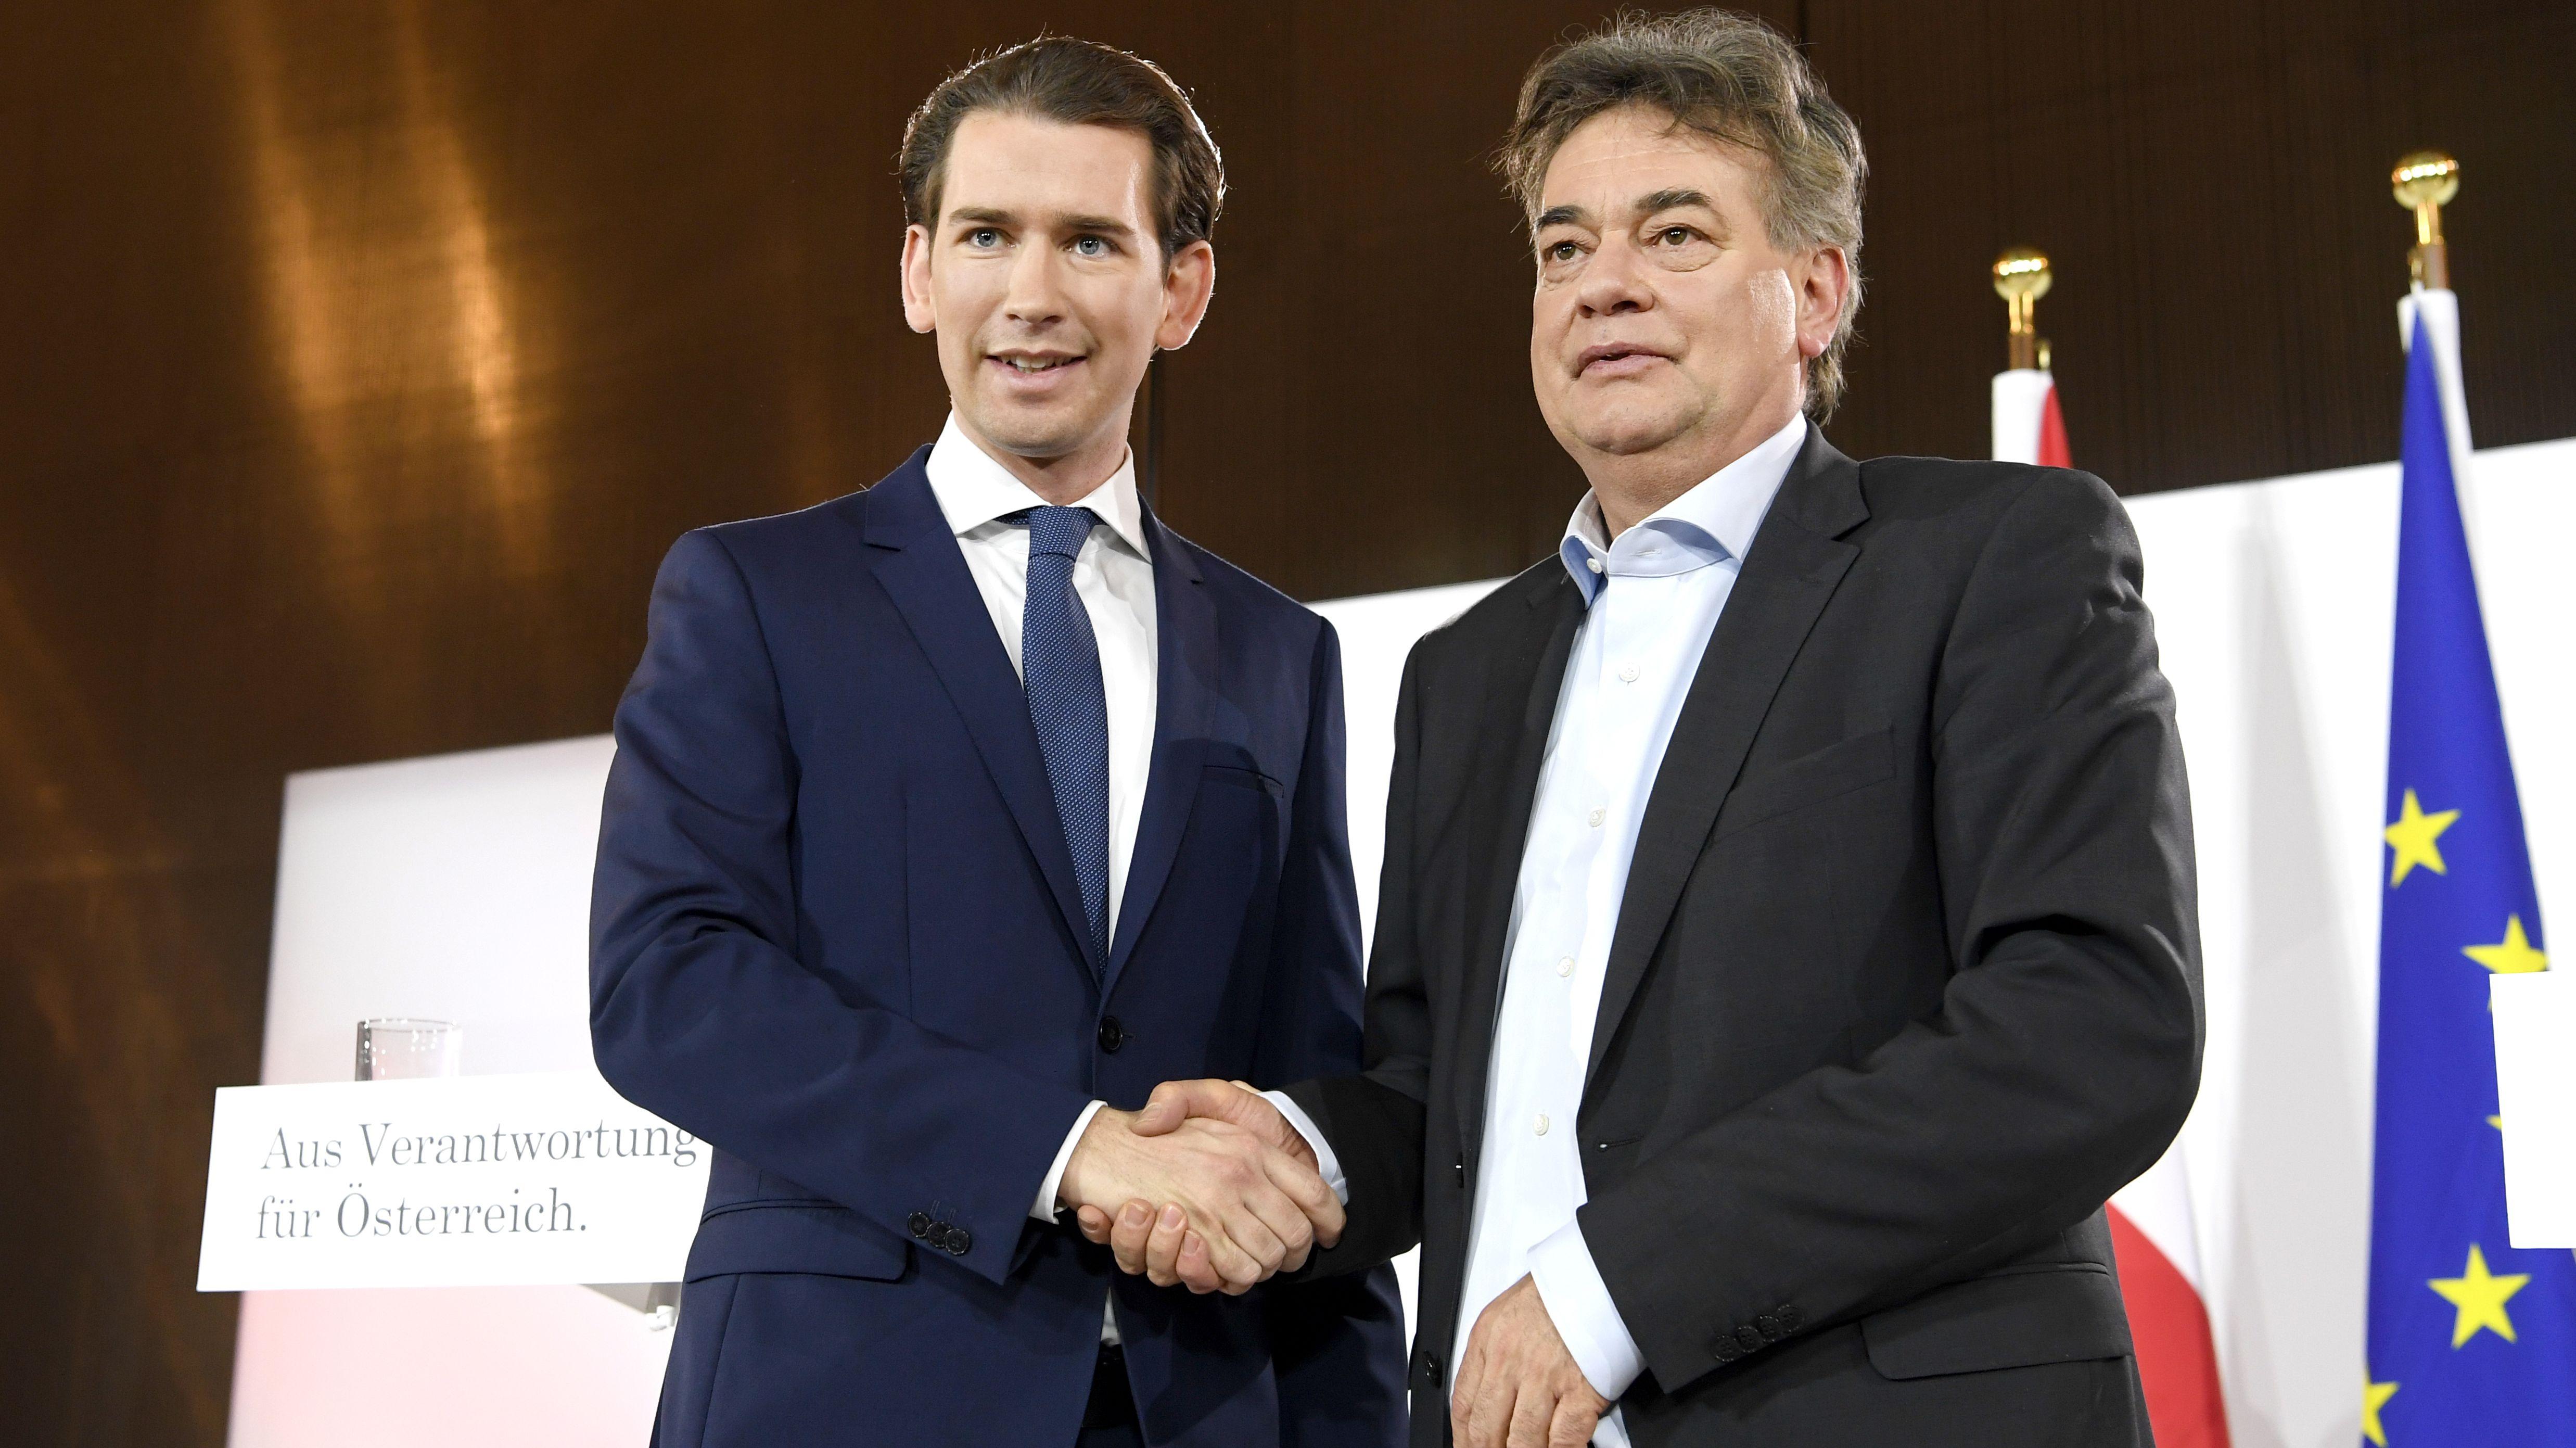 Sebastian Kurz, ÖVP (l.) und Werner Kogler, Parteichef der Grünen, haben am Donnerstag in Wien ihr Regierungsprogramm vorgestellt.